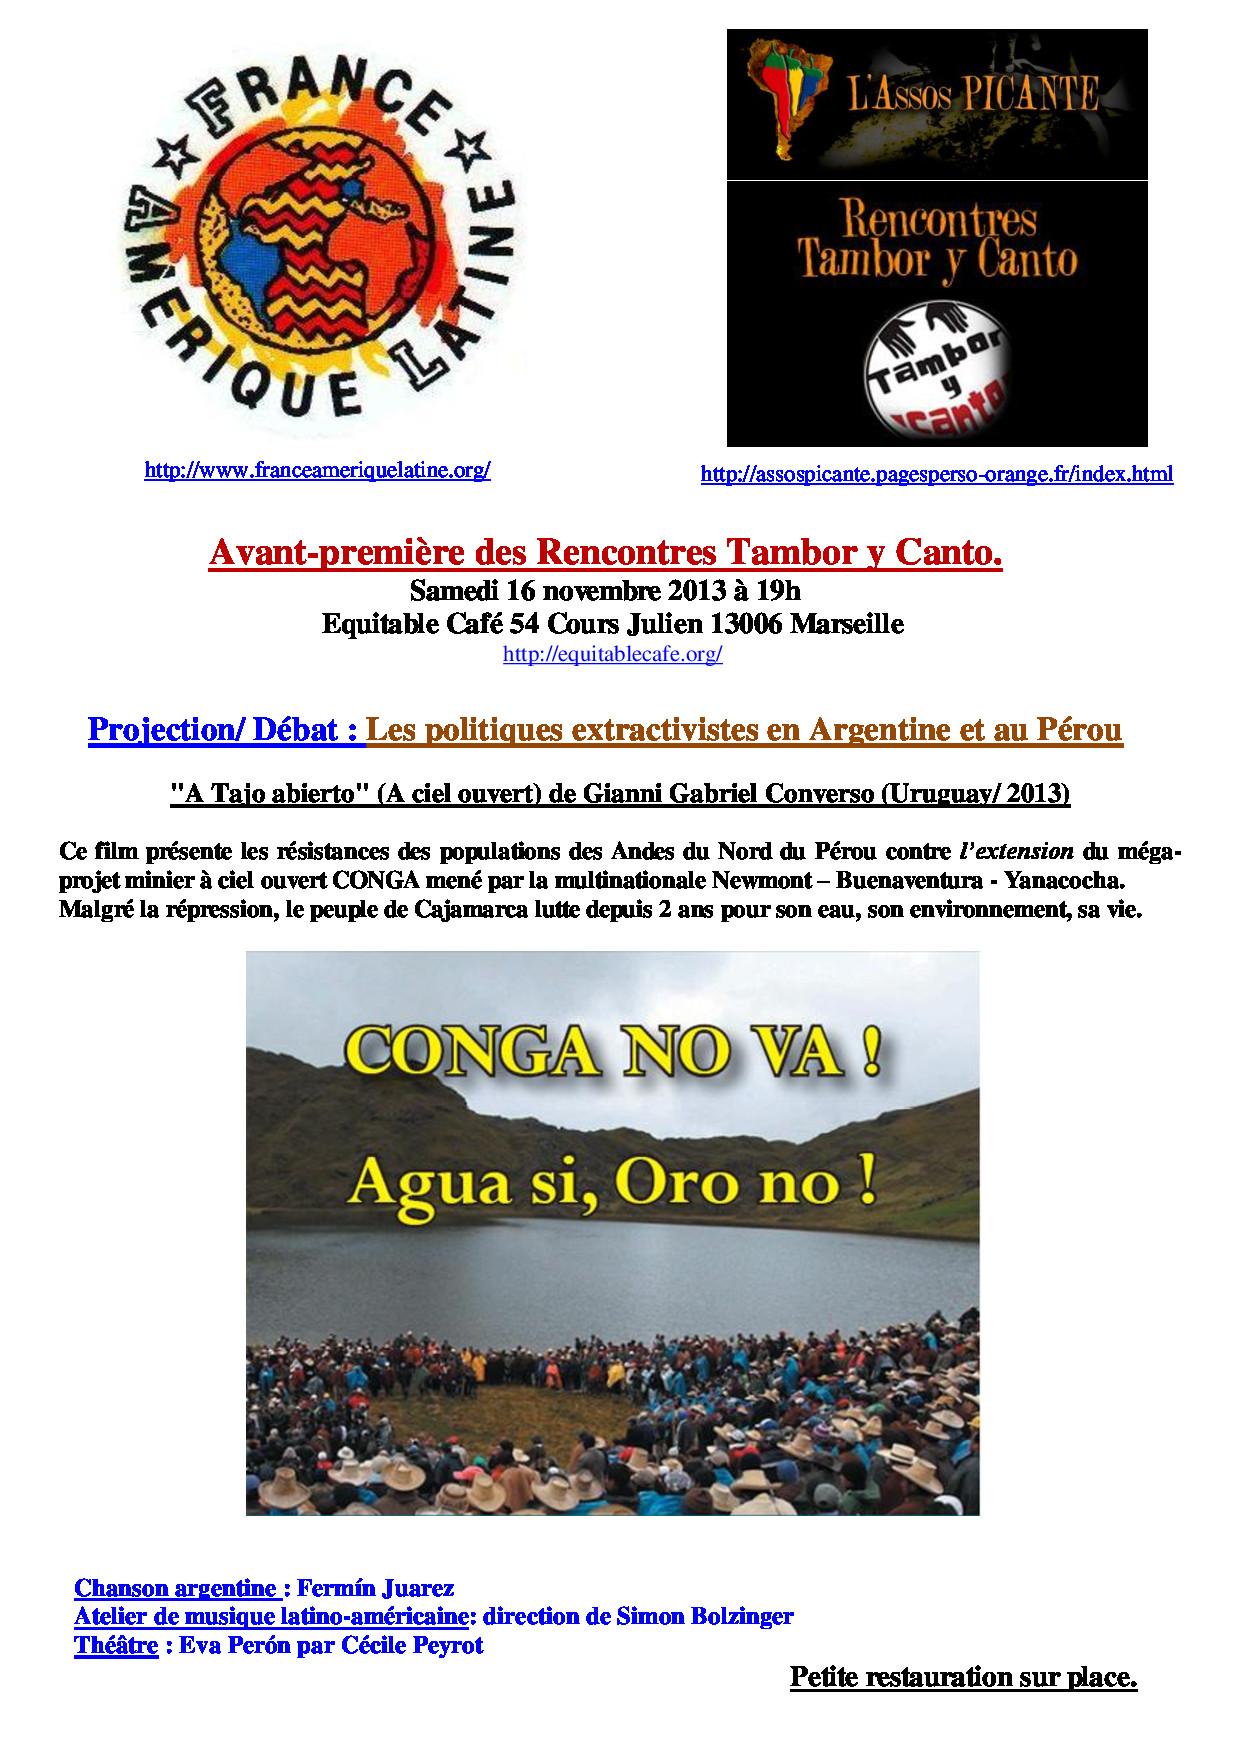 Marseille : Projection/débat ; les politiques extractivistes en Argentine et au Pérou